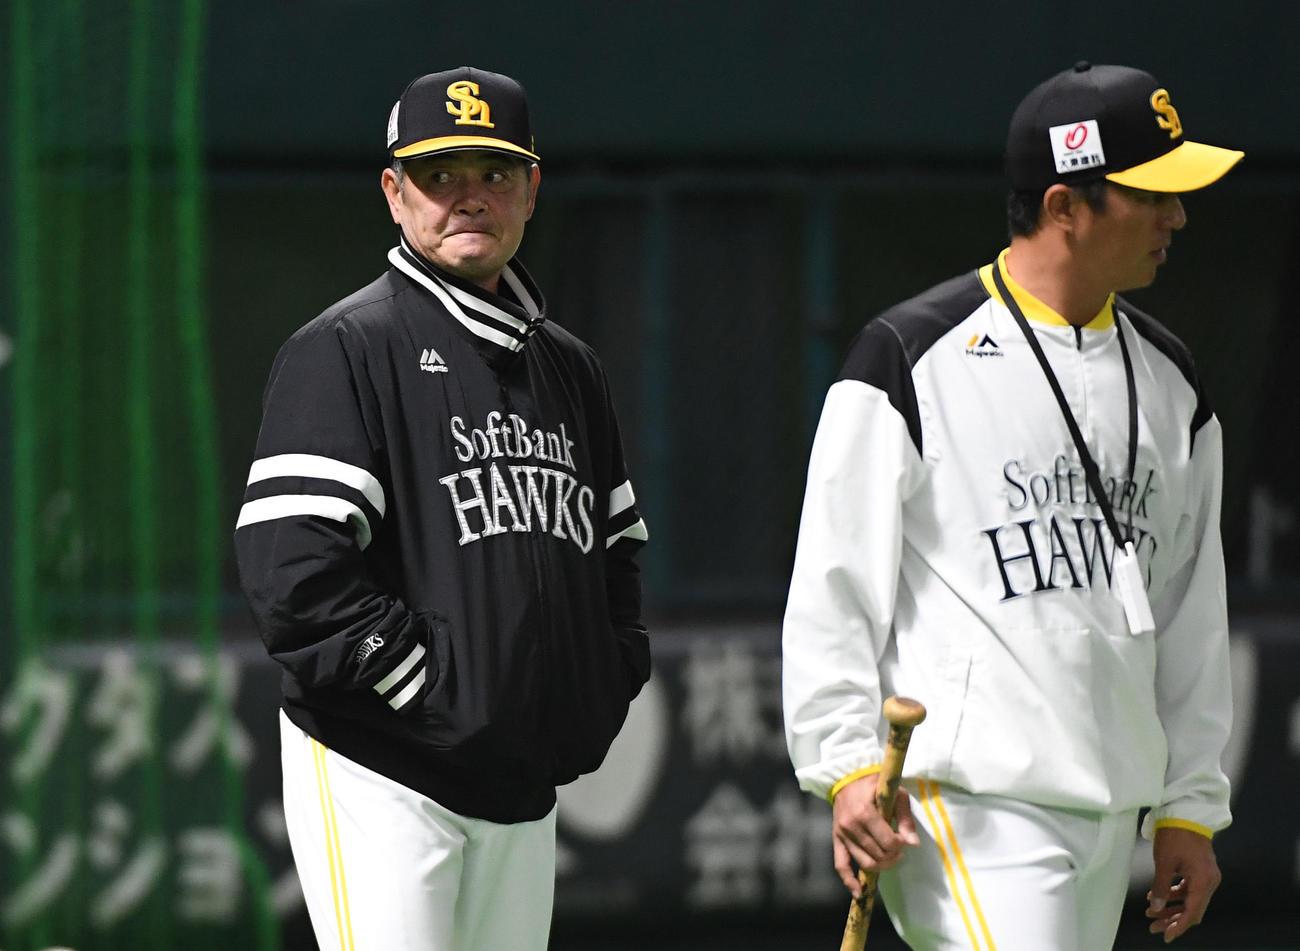 厳しい表情で練習を見守る工藤公康監督、右は平石洋介打撃兼野手総合コーチ(撮影・今浪浩三)